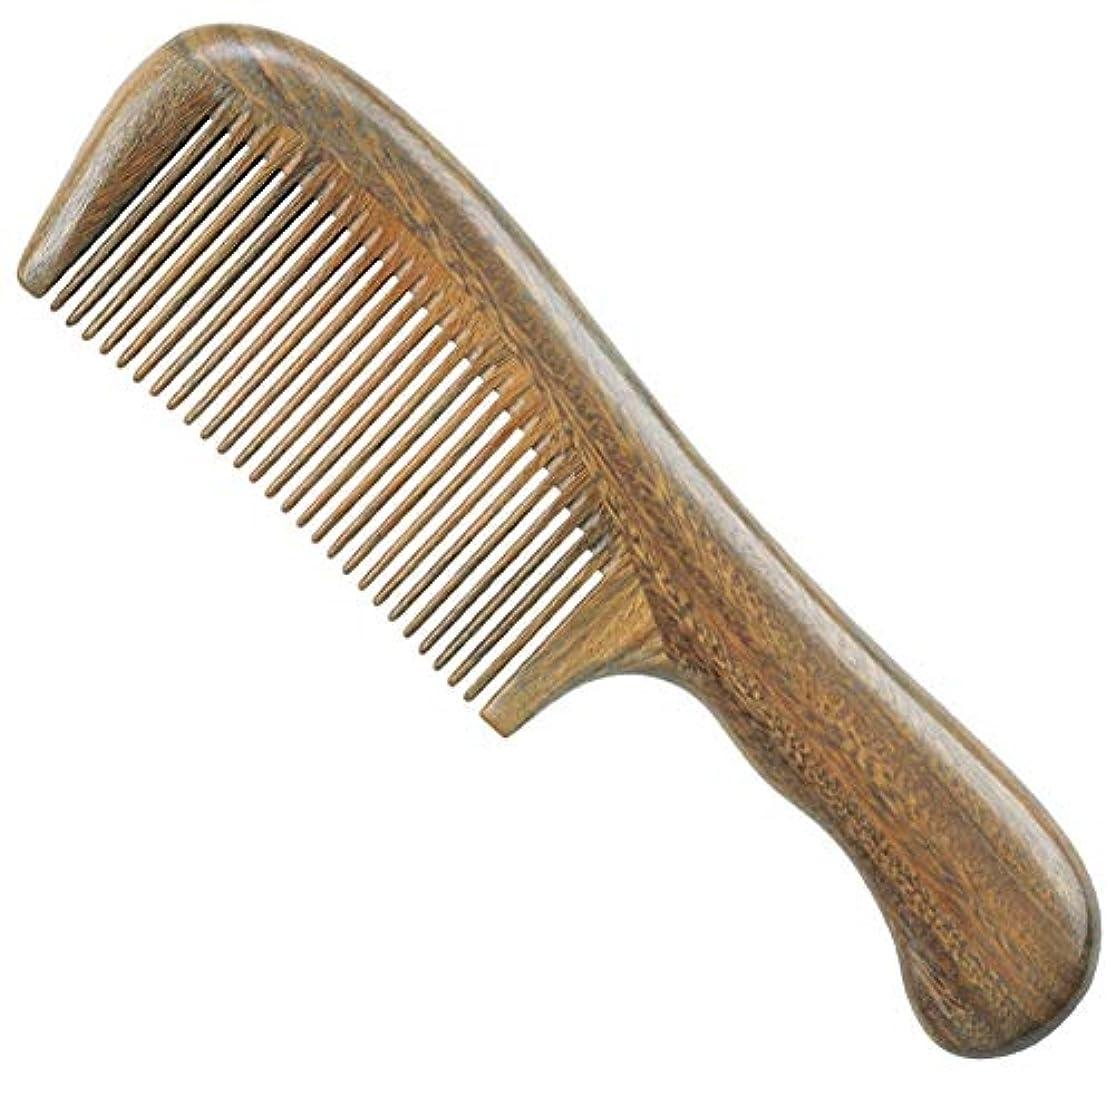 ハイランドダッシュ不注意Guomao グリーンビャクダンの櫛玉ビャクダンの木の櫛ファイン歯ストレートヘアコーム (Size : 18.5*5 cm)